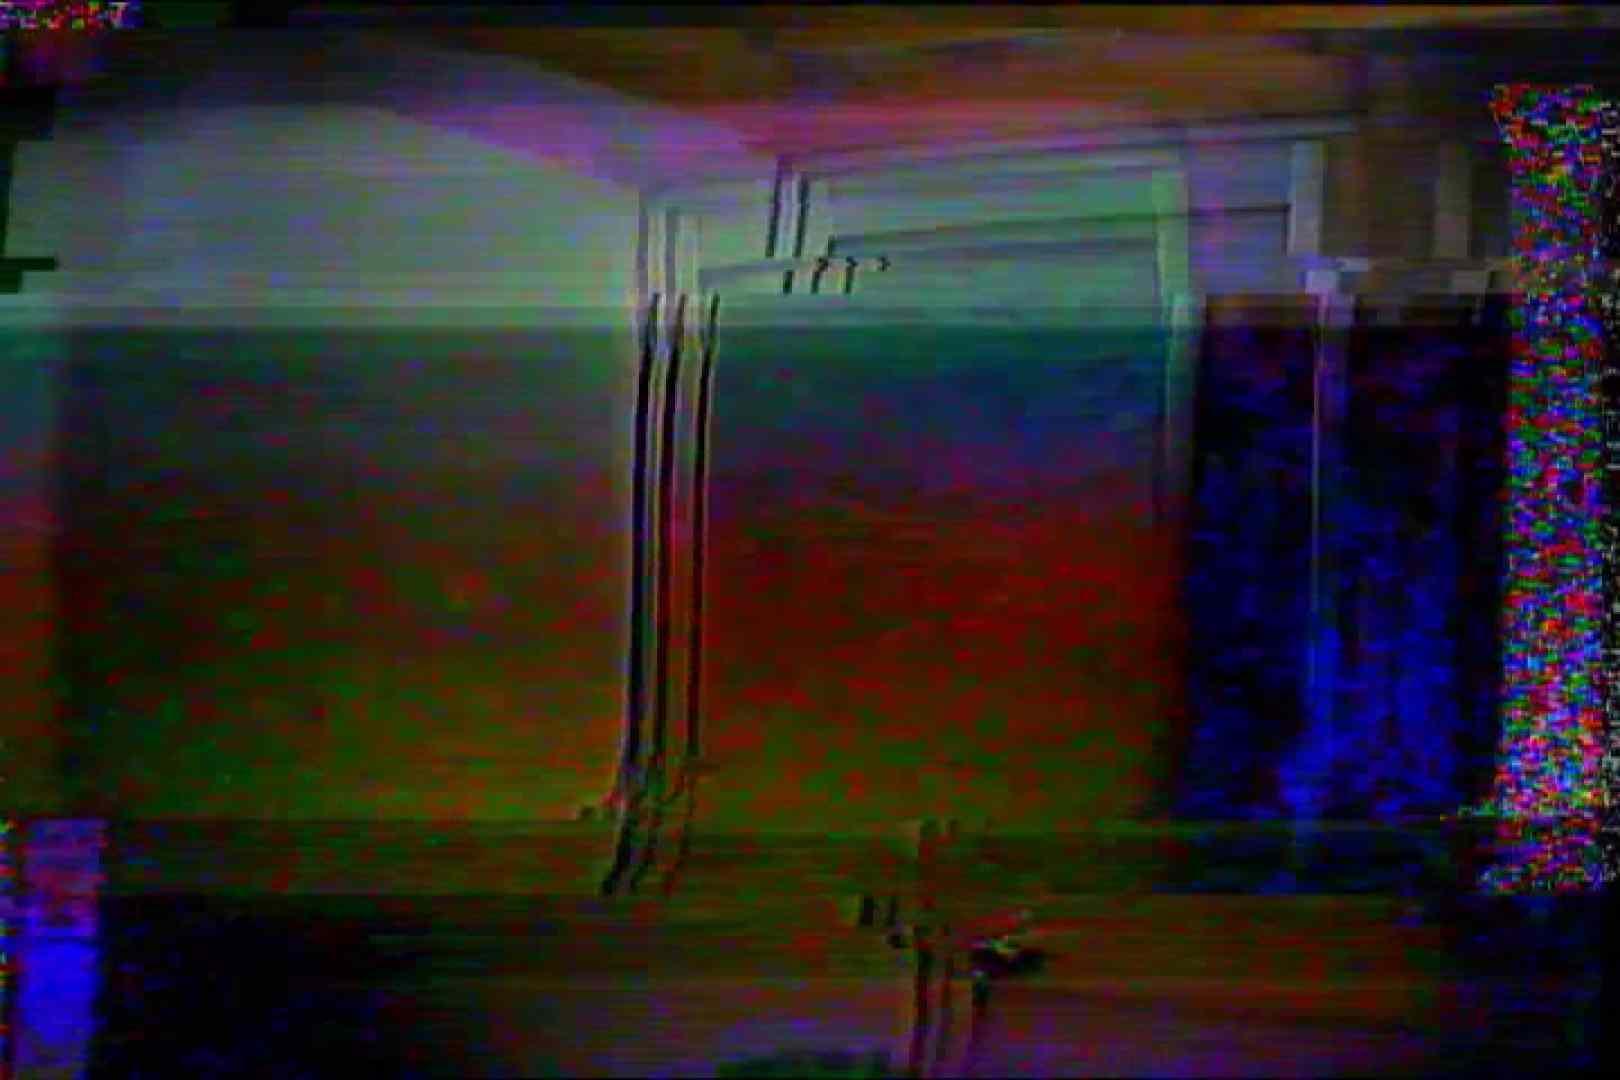 海の家の更衣室 Vol.20 盛合せ オマンコ無修正動画無料 107画像 51